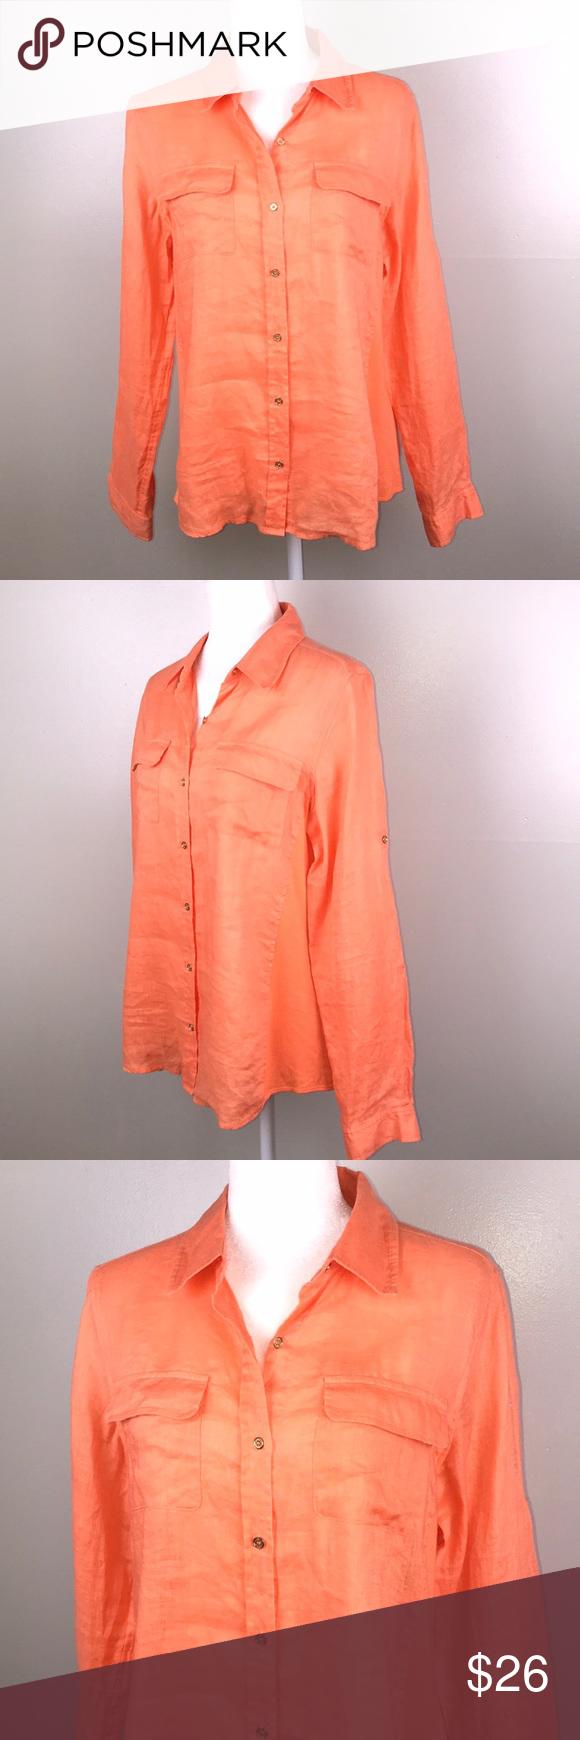 Calvin Klein Linen Button Front Long Sleeve Blouse Clothes Design Calvin Klein Long Sleeve Blouse